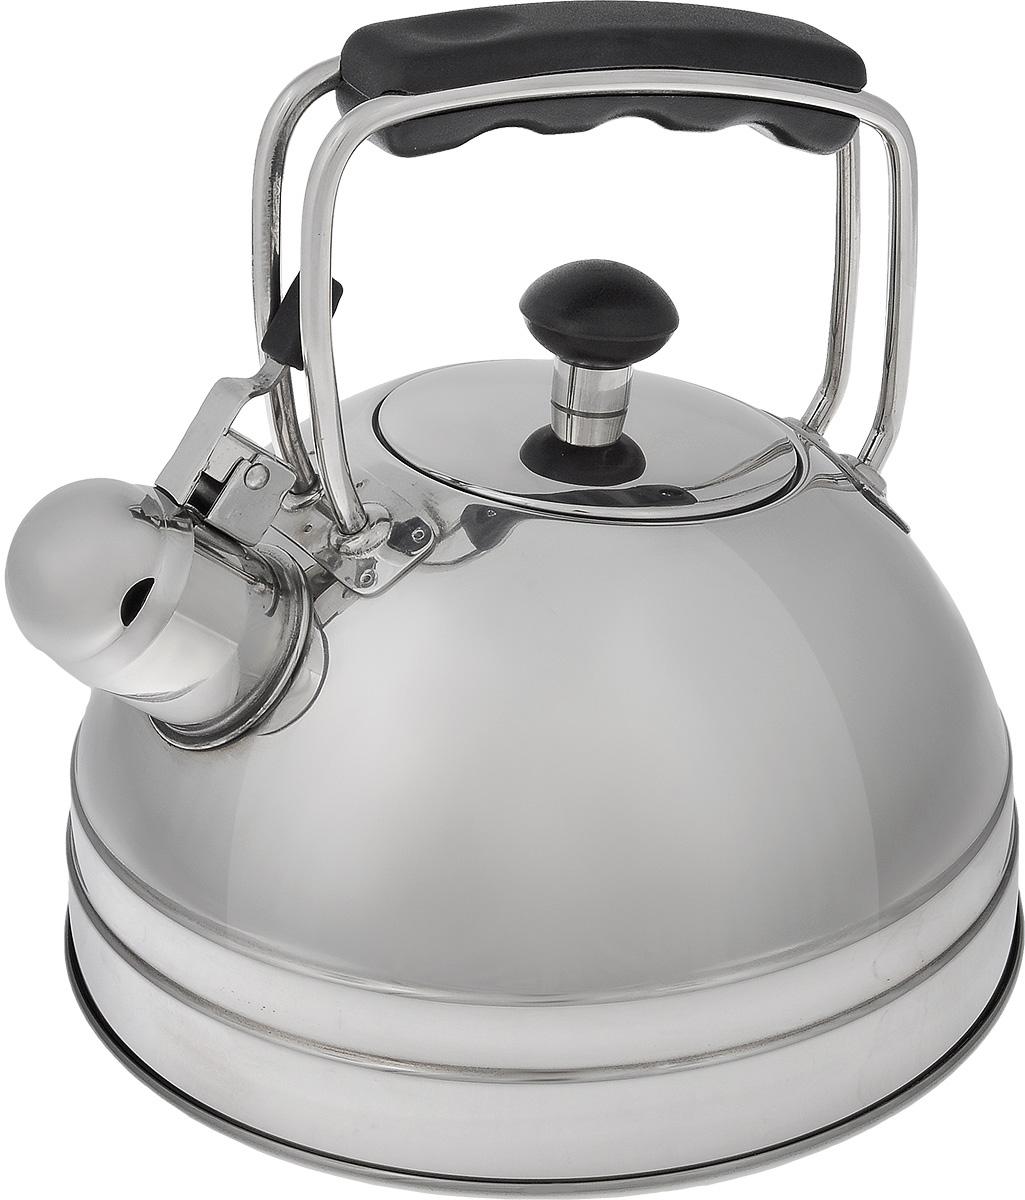 Чайник со свистком Vitesse Odina, 2,5 лVT-1520(SR)Чайник Vitesse Odina выполнен из высококачественной нержавеющей стали 18/10 с зеркальной полировкой. Капсулированное дно с прослойкой из алюминия обеспечивает наилучшее распределение тепла. Носик чайника оснащен откидной насадкой-свистком, что позволит вам контролировать процесс подогрева или кипячения воды. Ручка чайника изготовлена из бакелита. Она имеет фиксированное положение. Чайник Vitesse Odina подходит для использования на всех типах плит. Также изделие можно мыть в посудомоечной машине. Характеристики: Материал: нержавеющая сталь 18/10, бакелит.Диаметр основания чайника: 20 см.Высота чайника (с учетом крышки и ручки):21 см.Объем:2,5 л.Размер упаковки:20,5 см х 22 см х 20,5 см. Артикул:VS-1105.Кухонная посуда марки Vitesseиз нержавеющей стали 18/10 предоставит вам все необходимое для получения удовольствия от приготовления пищи и принесет радость от его результатов. Посуда Vitesse обладает выдающимися функциональными свойствами. Легкие в уходе кастрюли и сковородки имеют плотно закрывающиеся крышки, которые дают возможность готовить с малым количеством воды и экономией энергии, и идеально подходят для всех видов плит: газовых, электрических, стеклокерамических и индукционных. Конструкция дна посуды гарантирует быстрое поглощение тепла, его равномерное распределение и сохранение. Великолепно отполированная поверхность, а также многочисленные конструктивные новшества, заложенные во все изделия Vitesse, позволит вам открыть новые горизонты приготовления уже знакомых блюд. Для производства посуды Vitesseиспользуются только высококачественные материалы, которые соответствуют международным стандартам.